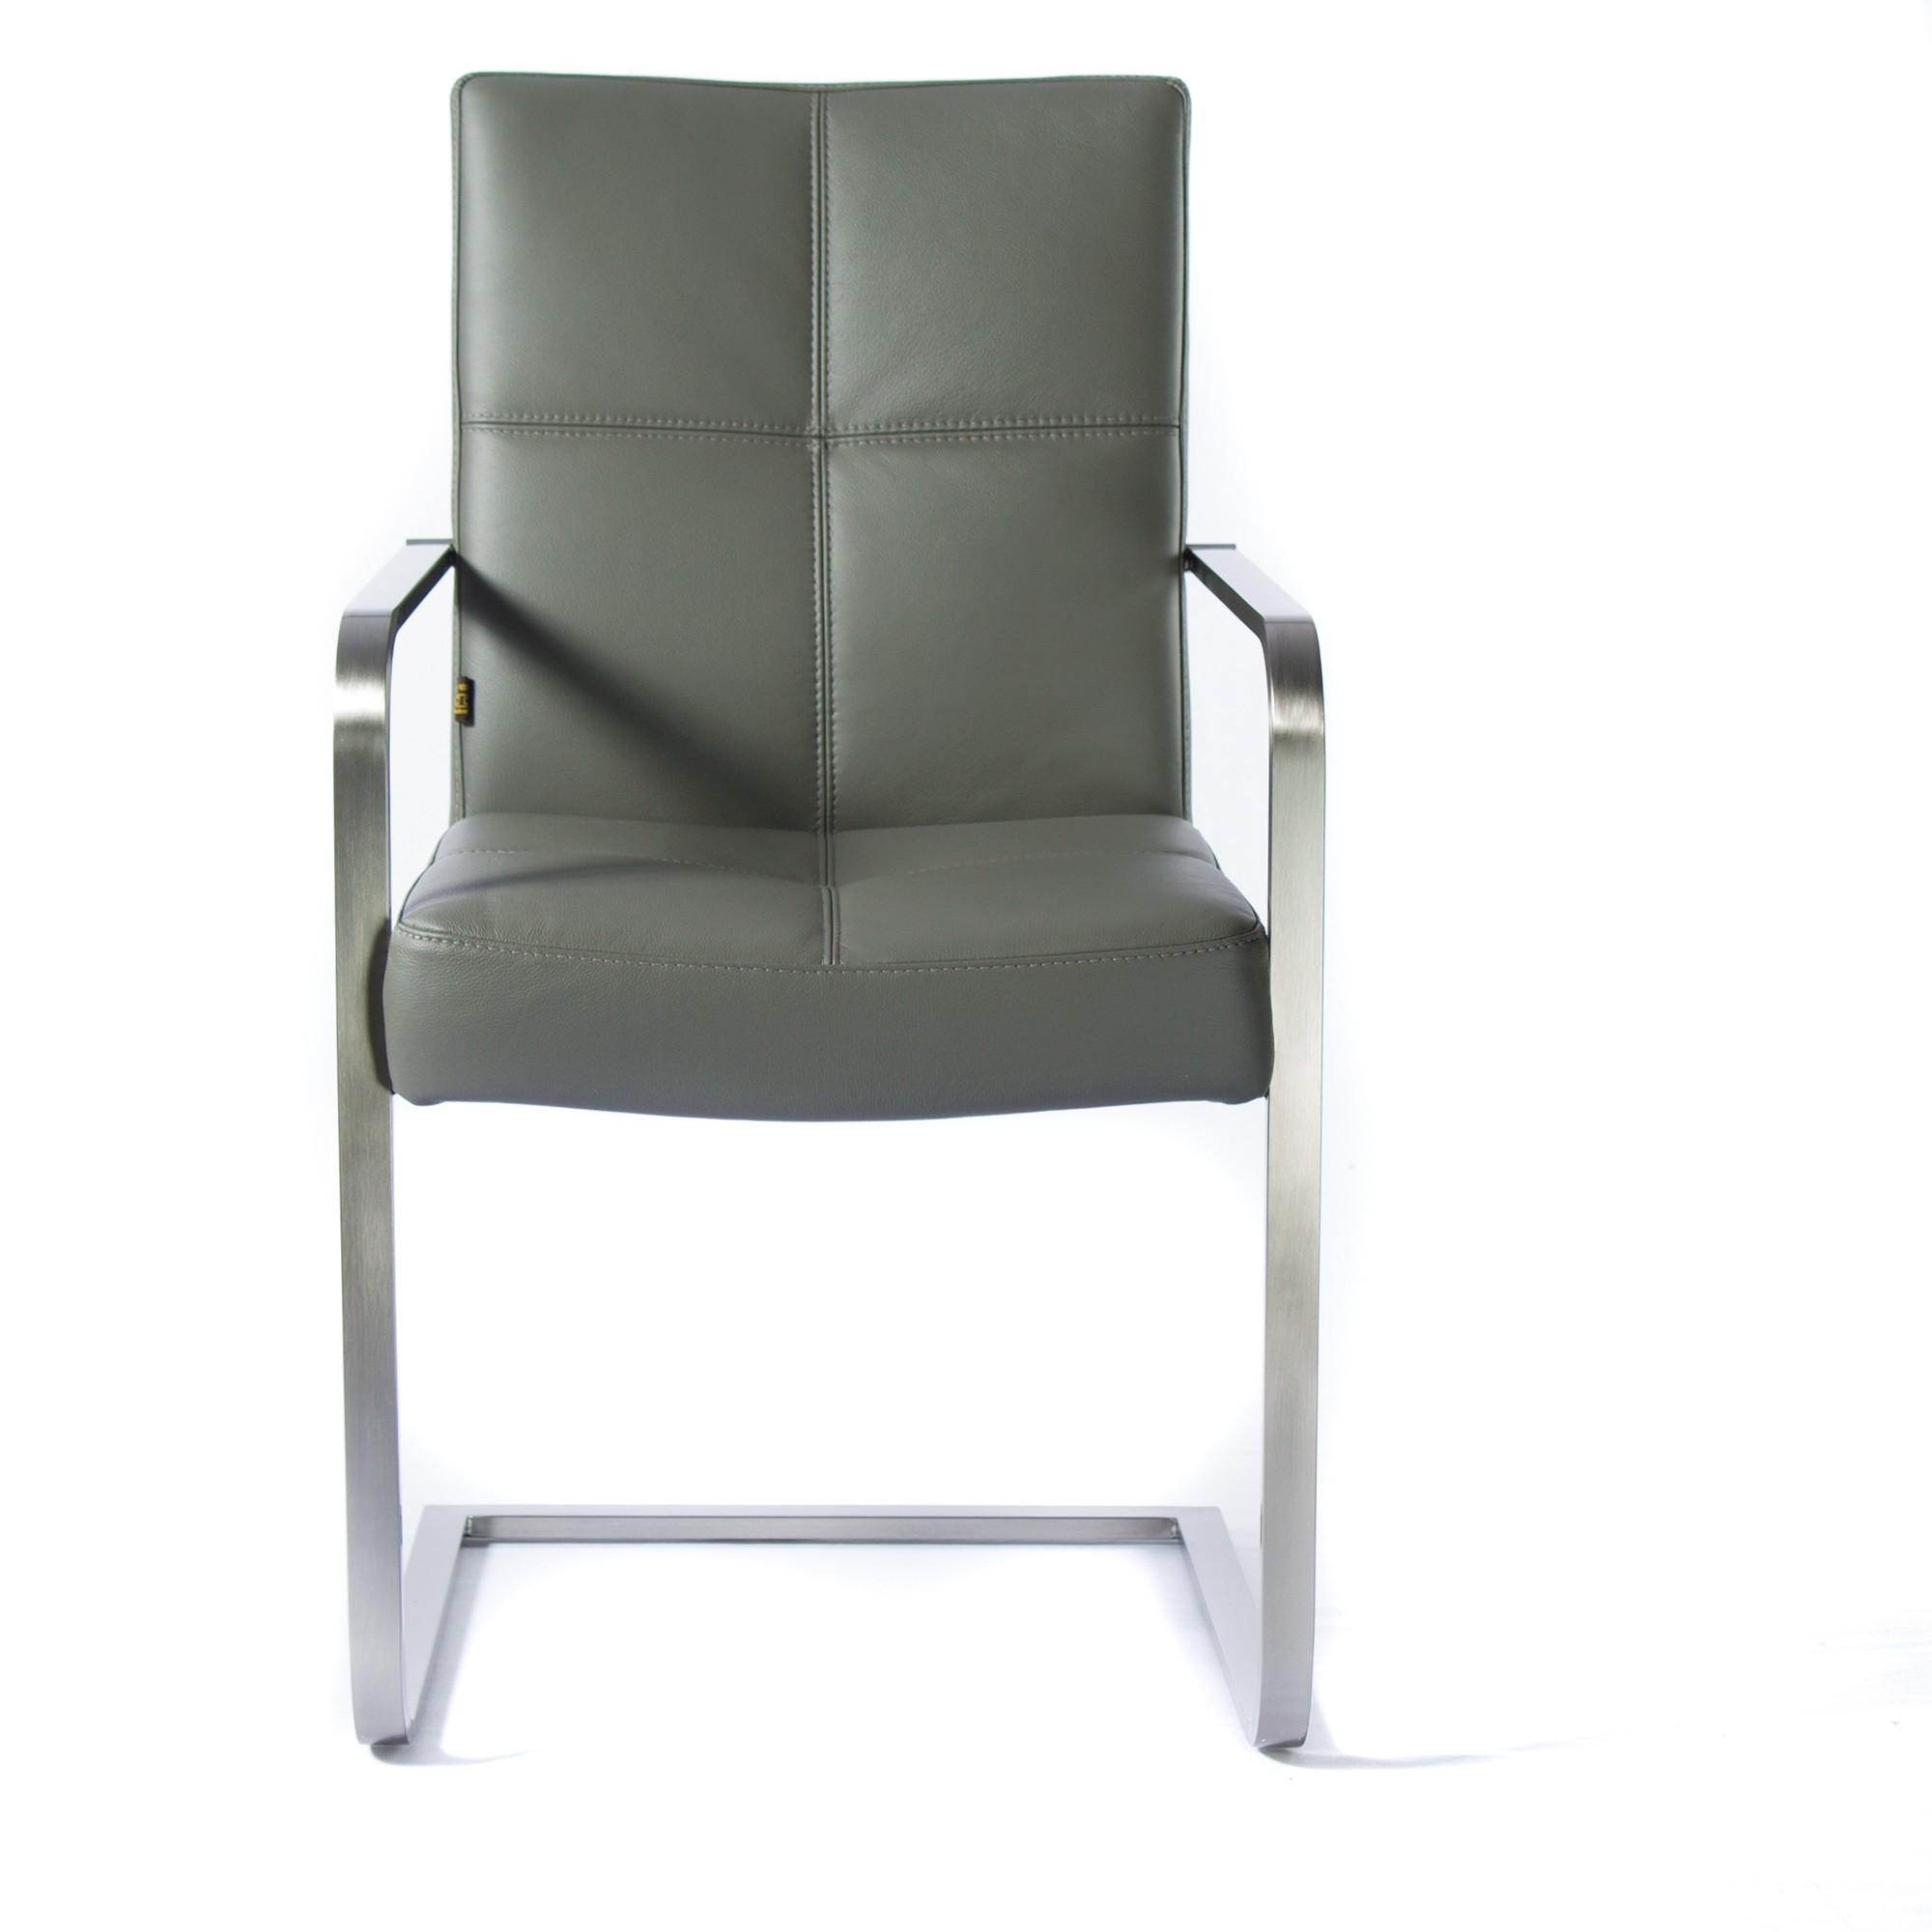 Lederstühle Freischwinger # Goetics.com > Inspiration Design Raum und Möbel für Ihre Wohnkultur